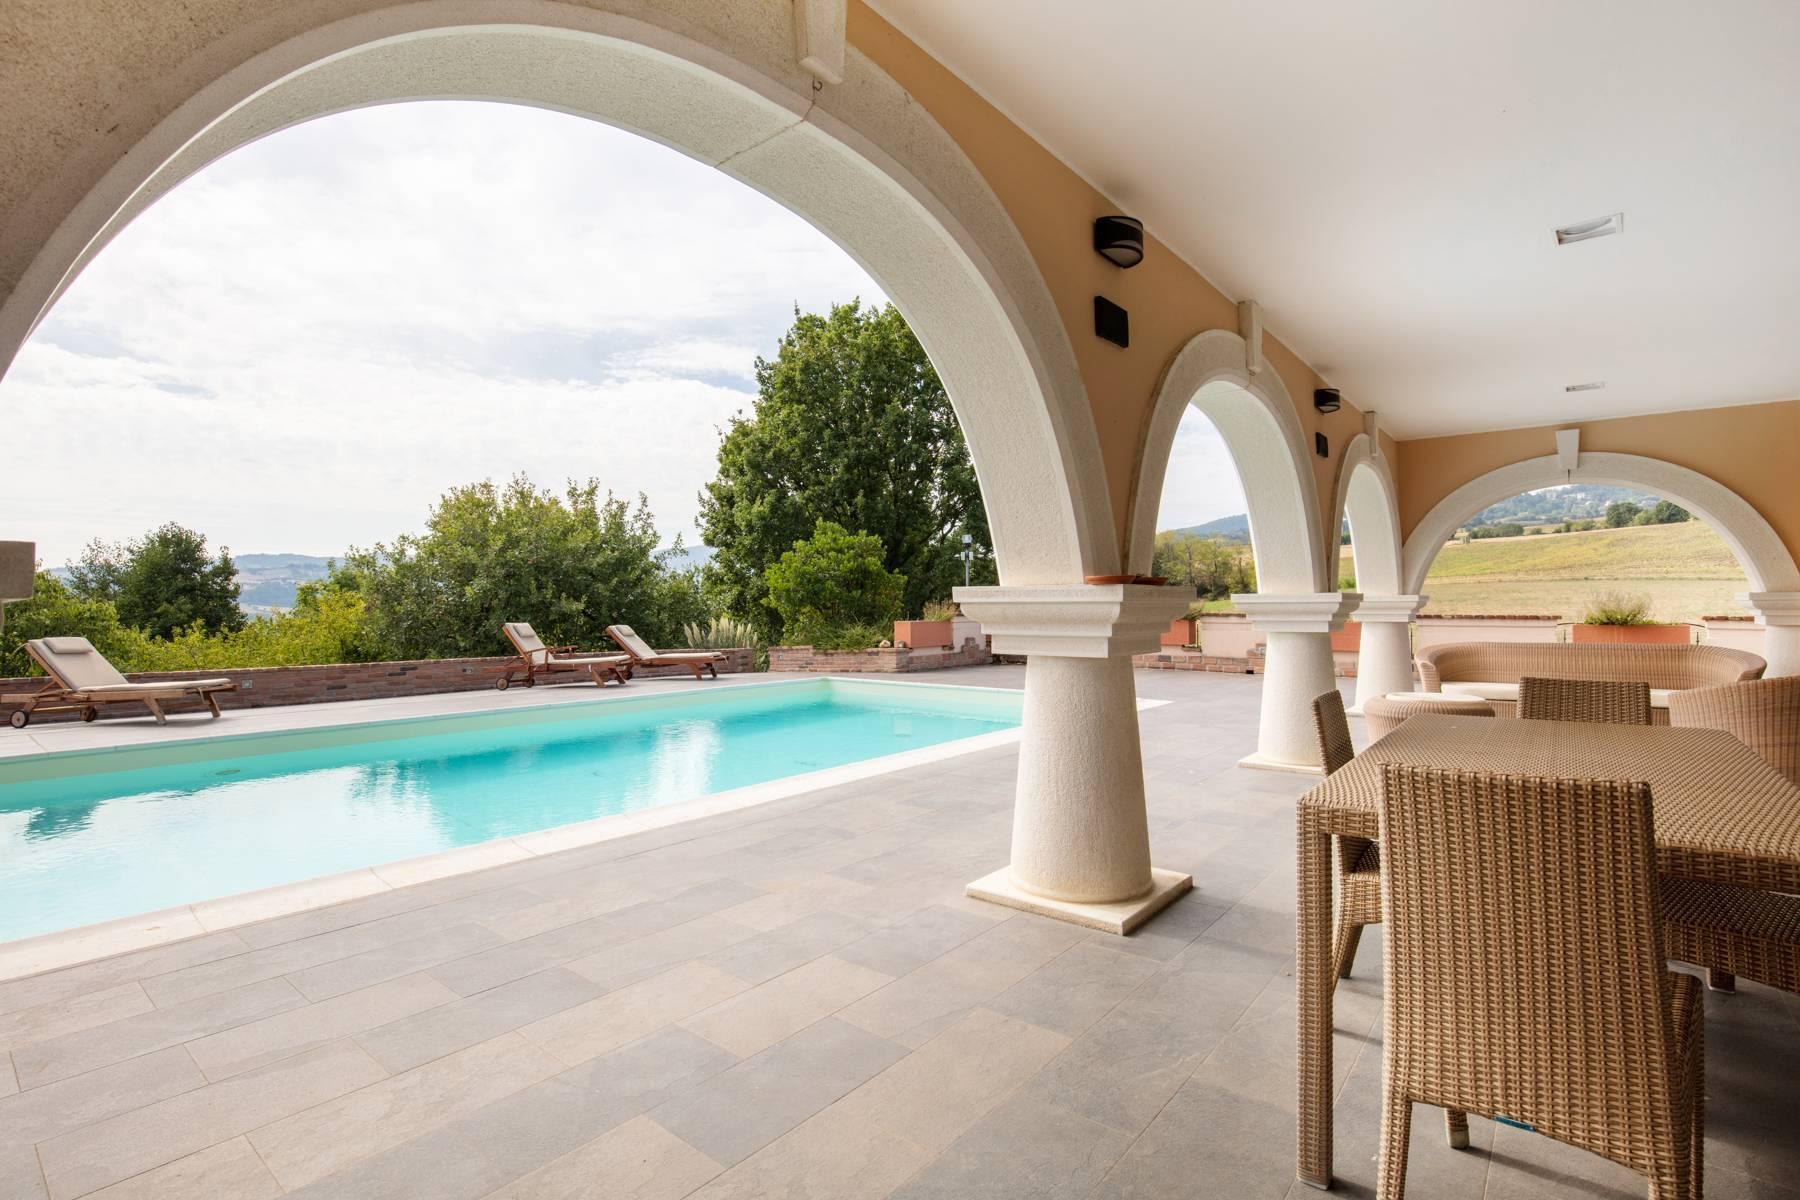 Villa con piscina nelle colline piacentine - 49